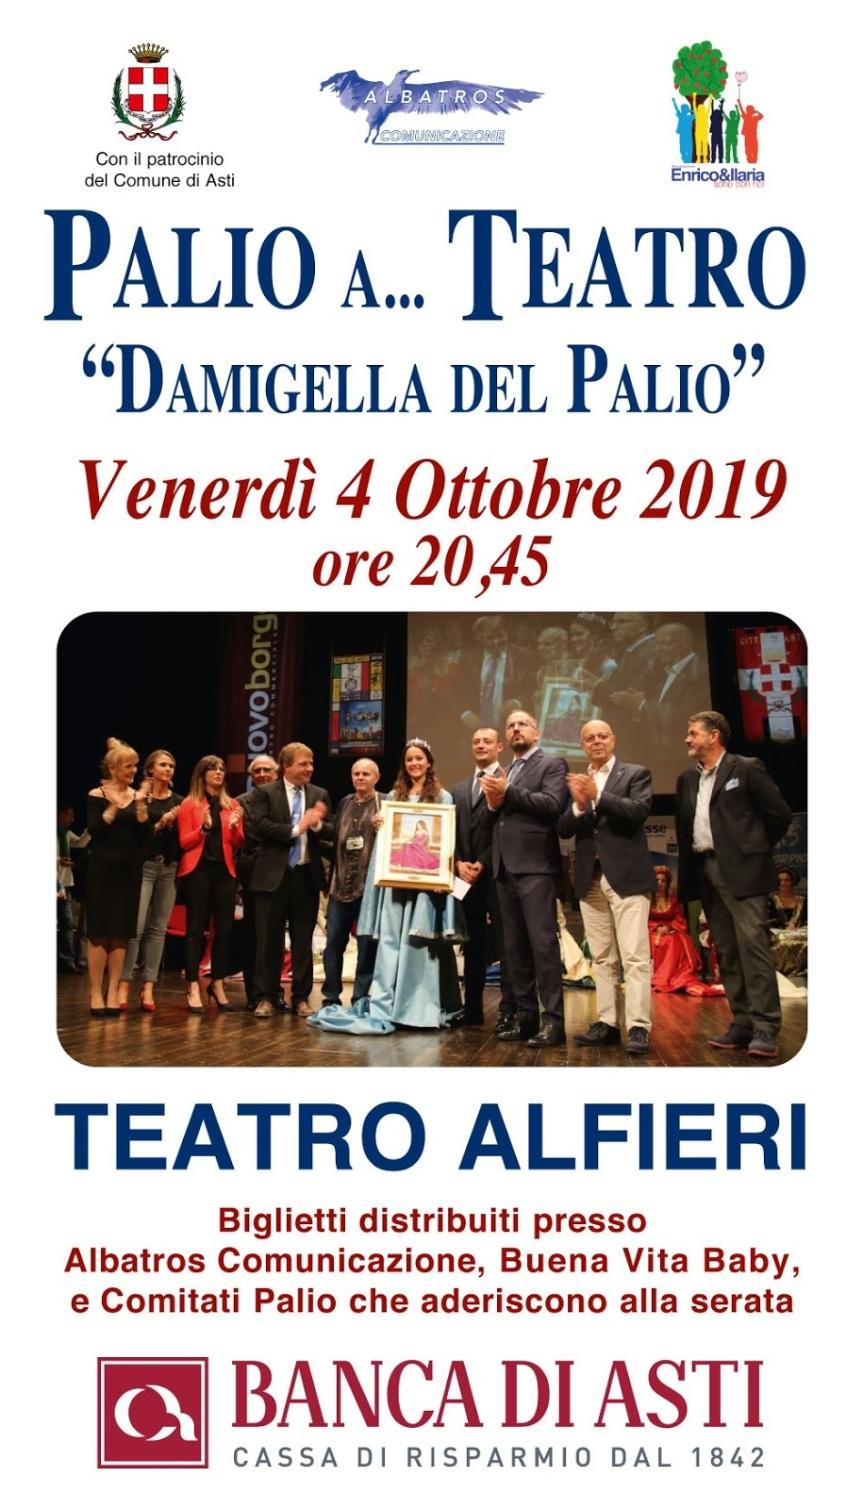 """Palio di Asti: Fervono i preparativi per un'edizione """"grandi numeri"""" della Damigella del Palio a…Teatro"""""""